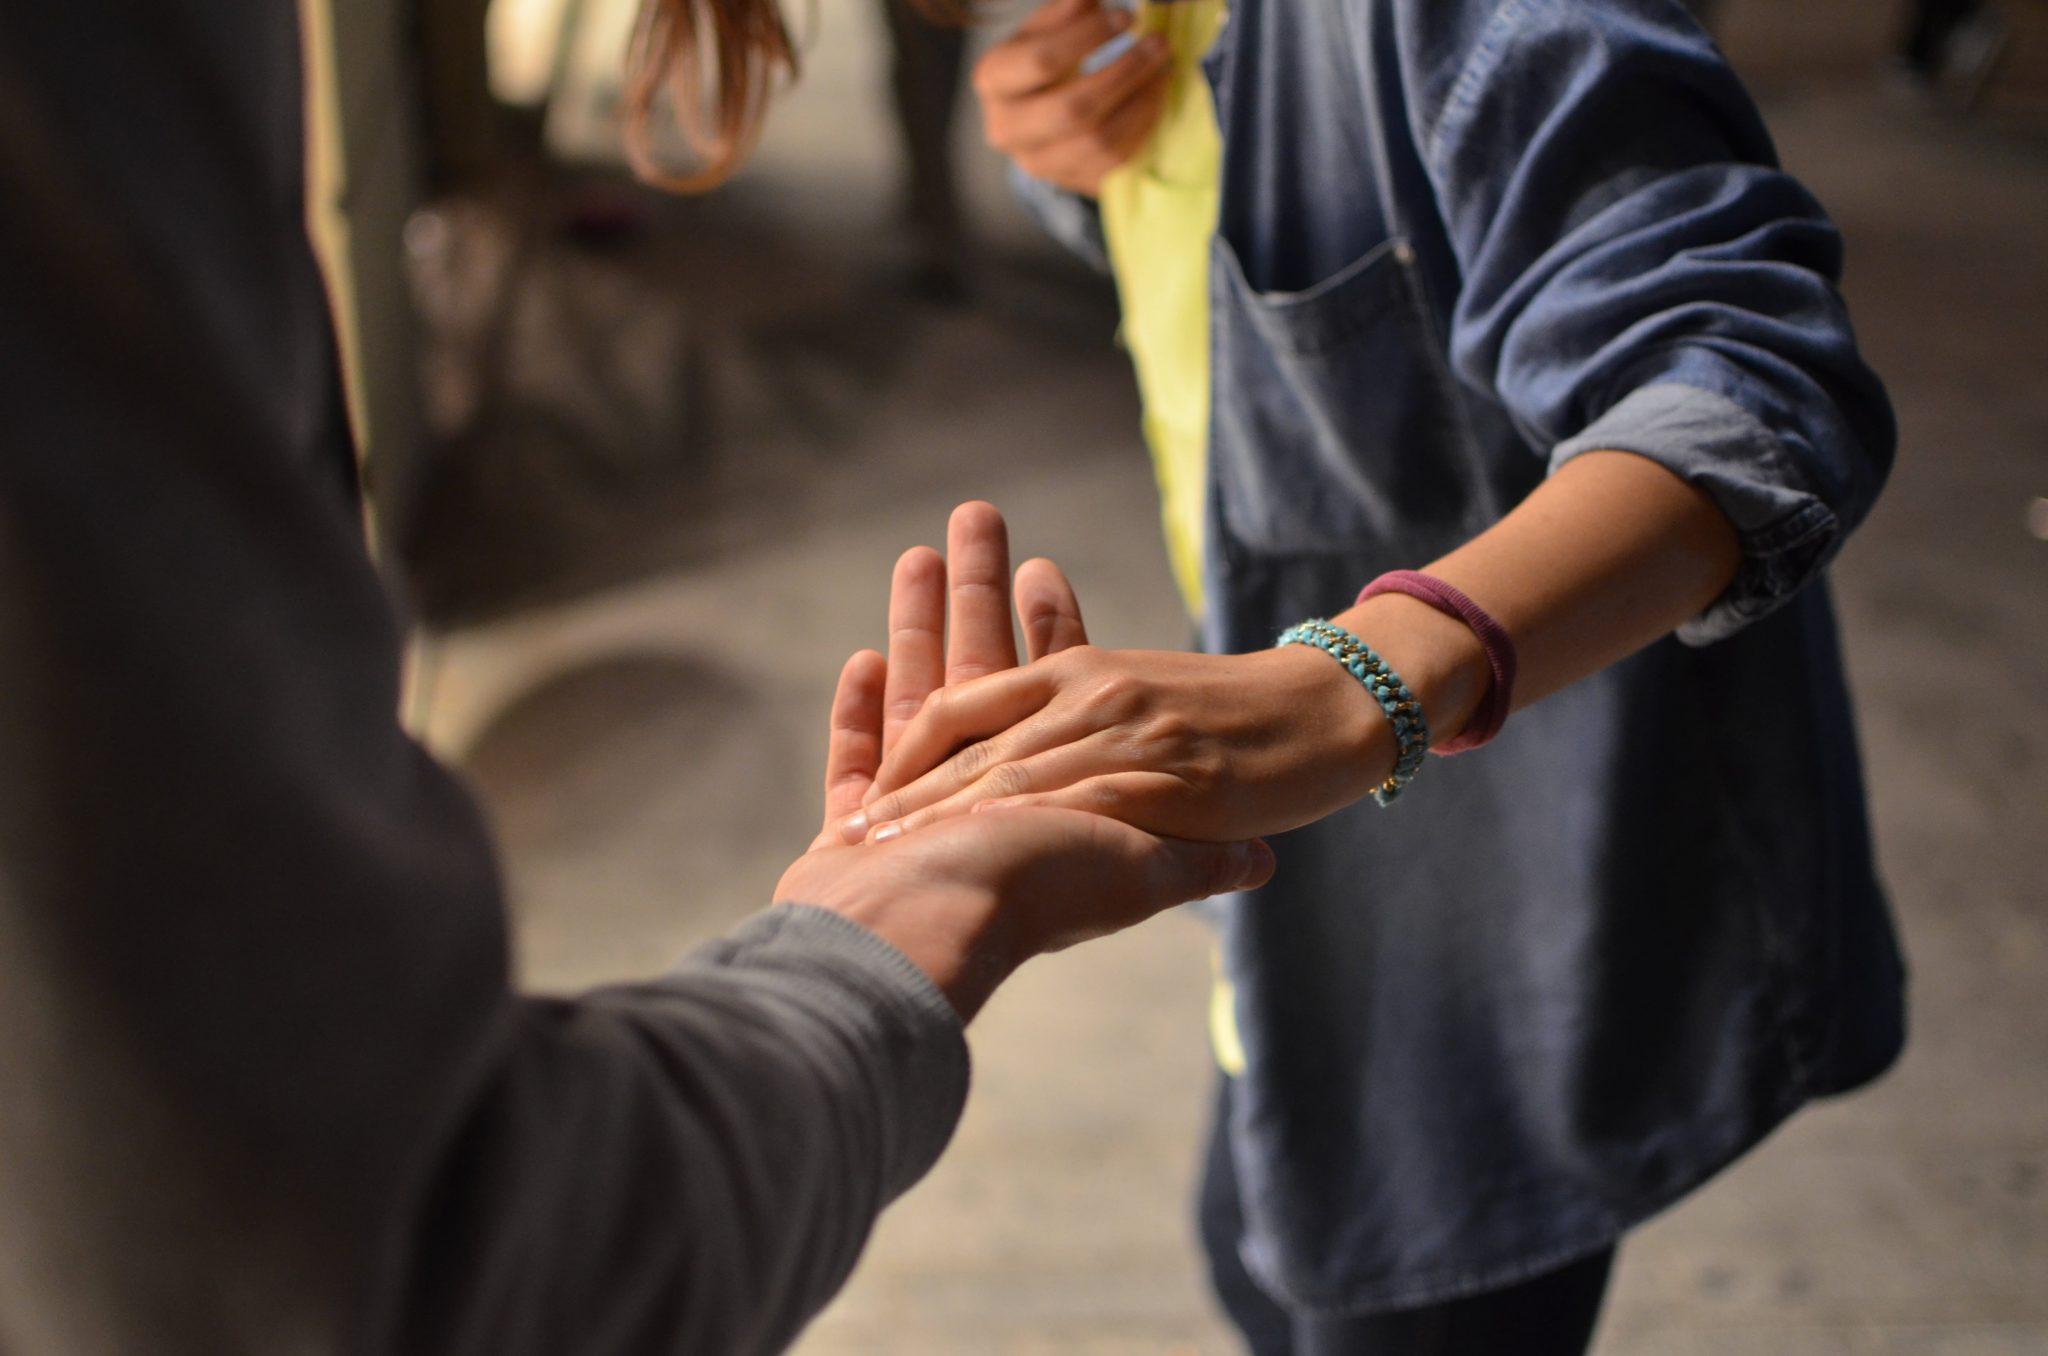 personas estrechando las manos al salir SMAC